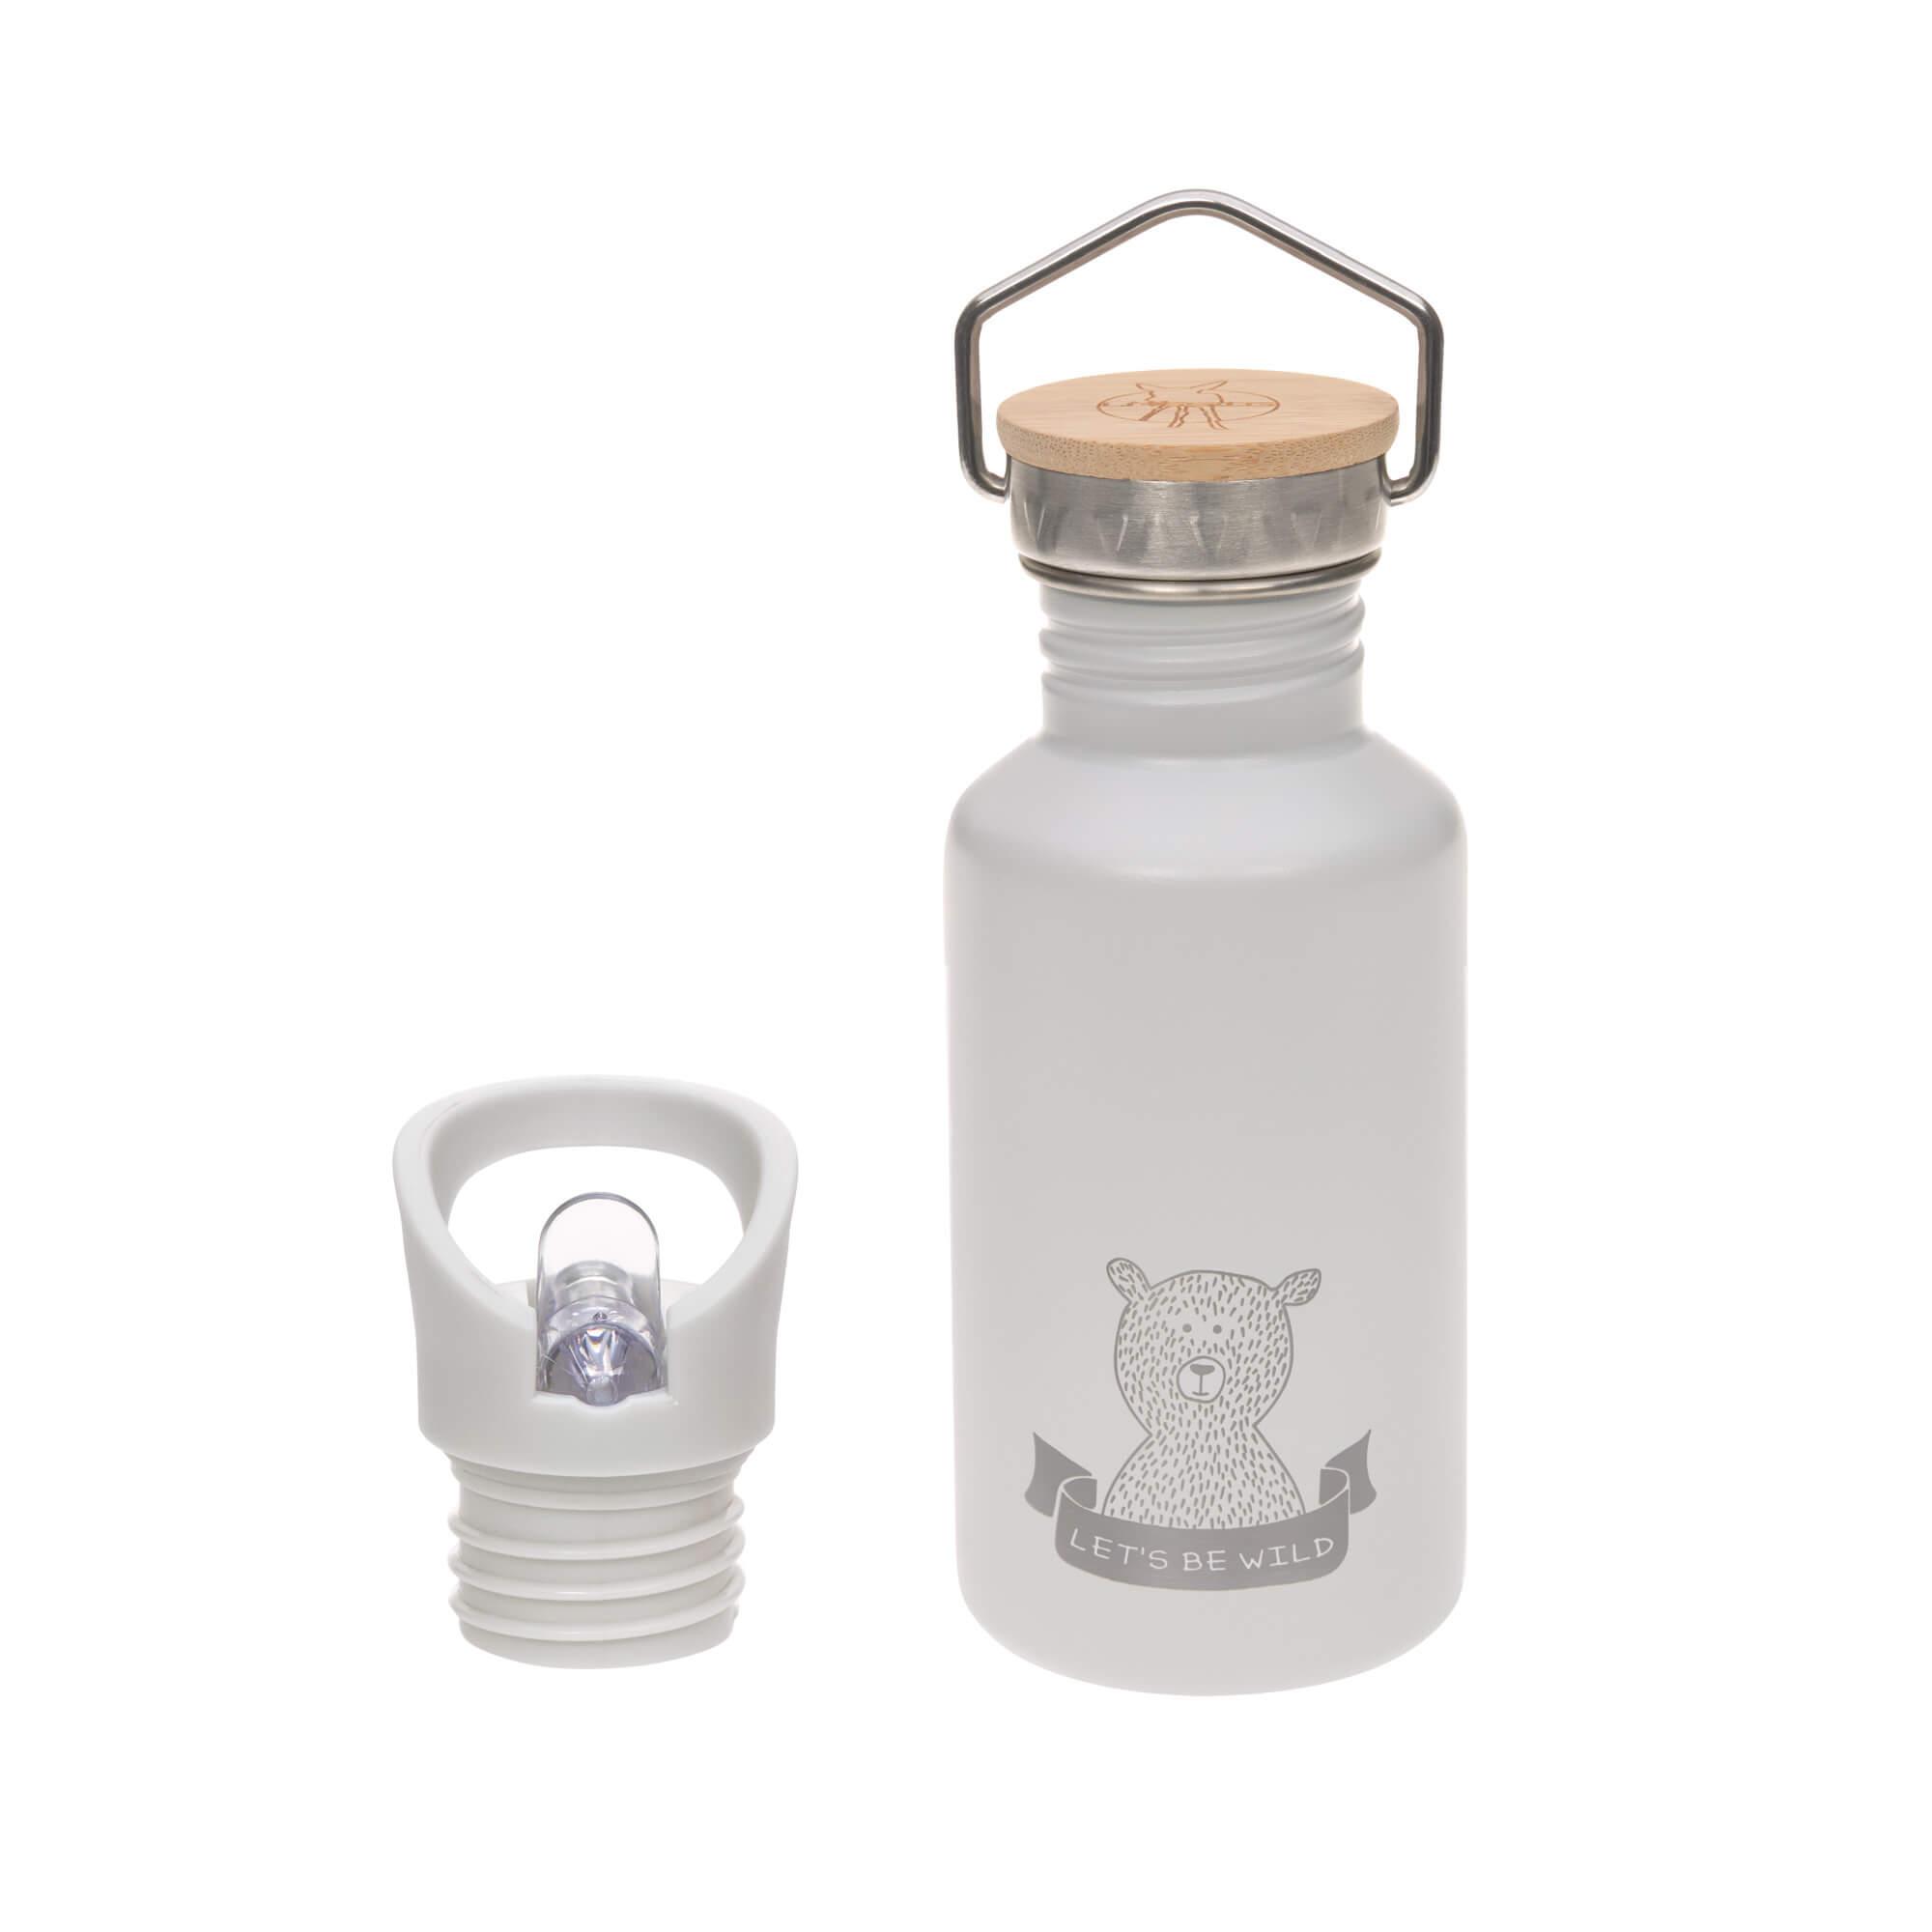 Kinder Trinkflasche Edelstahl (500ml) - Adventure grey - Lässig